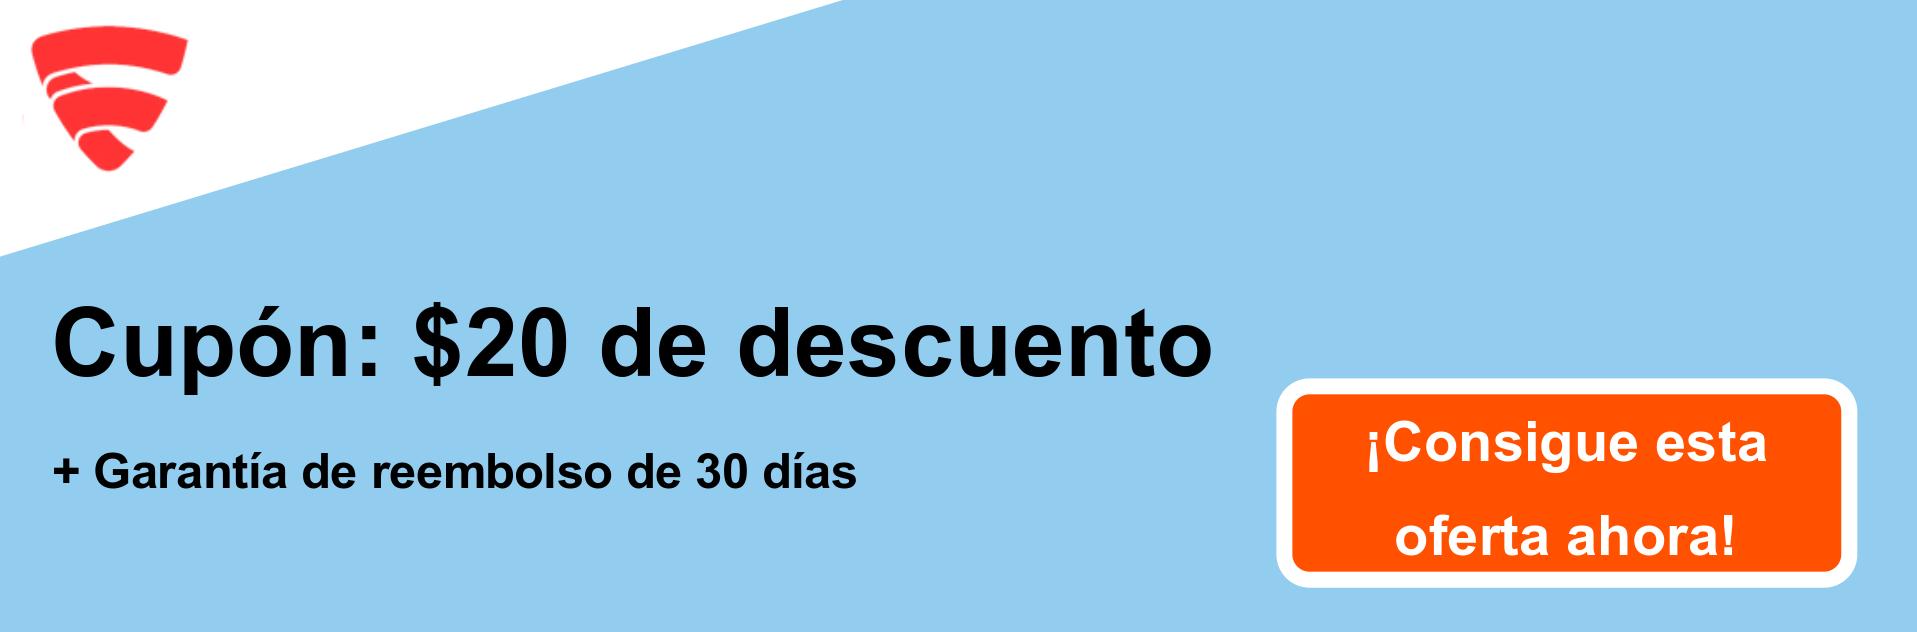 Cupón FSecureFreedome - $ 20 de descuento